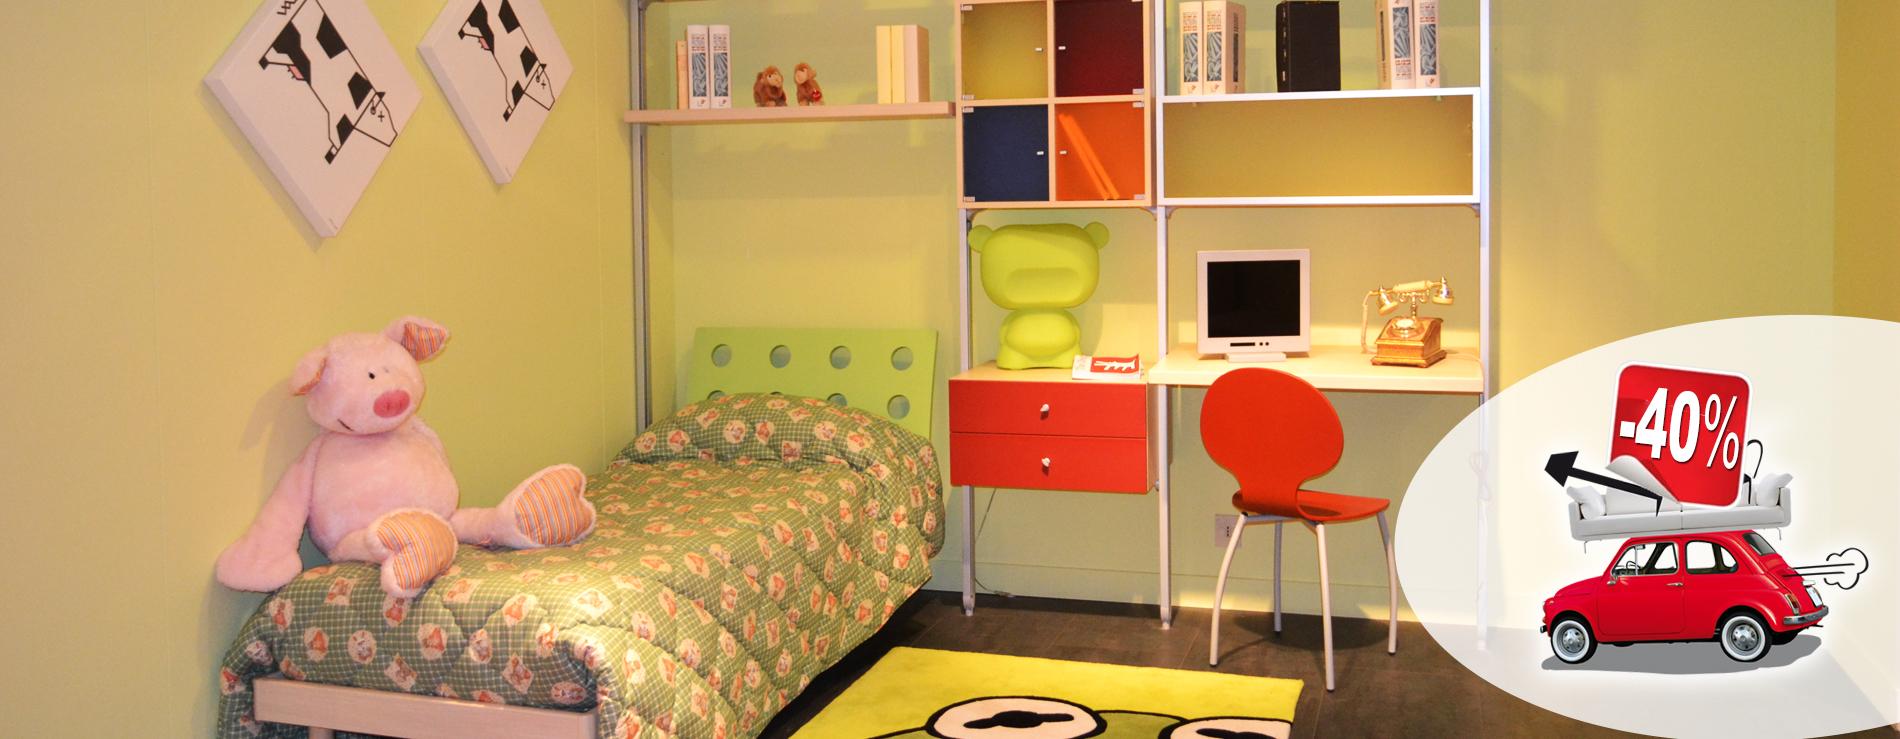 Cameretta in promozione centro mobili for Centro italiano mobili